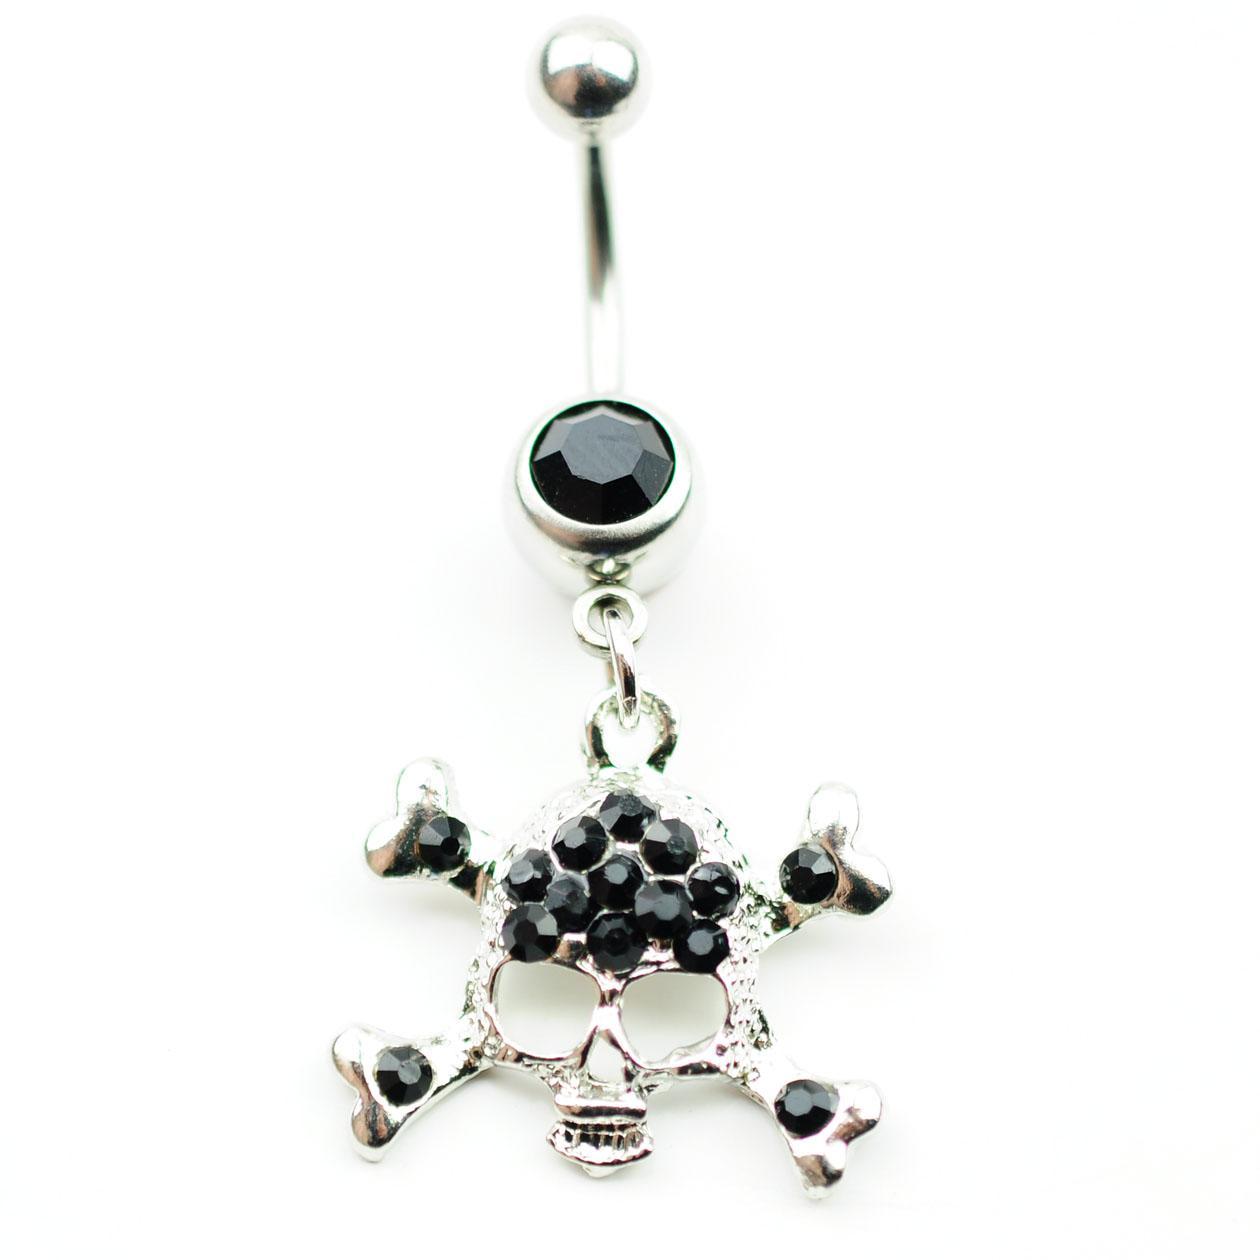 D0156 (3 colori) Il cranio stili 059-01 penetrante ornamenti per il corpo del tasto di pancia degli anelli con i colori chiari e nero